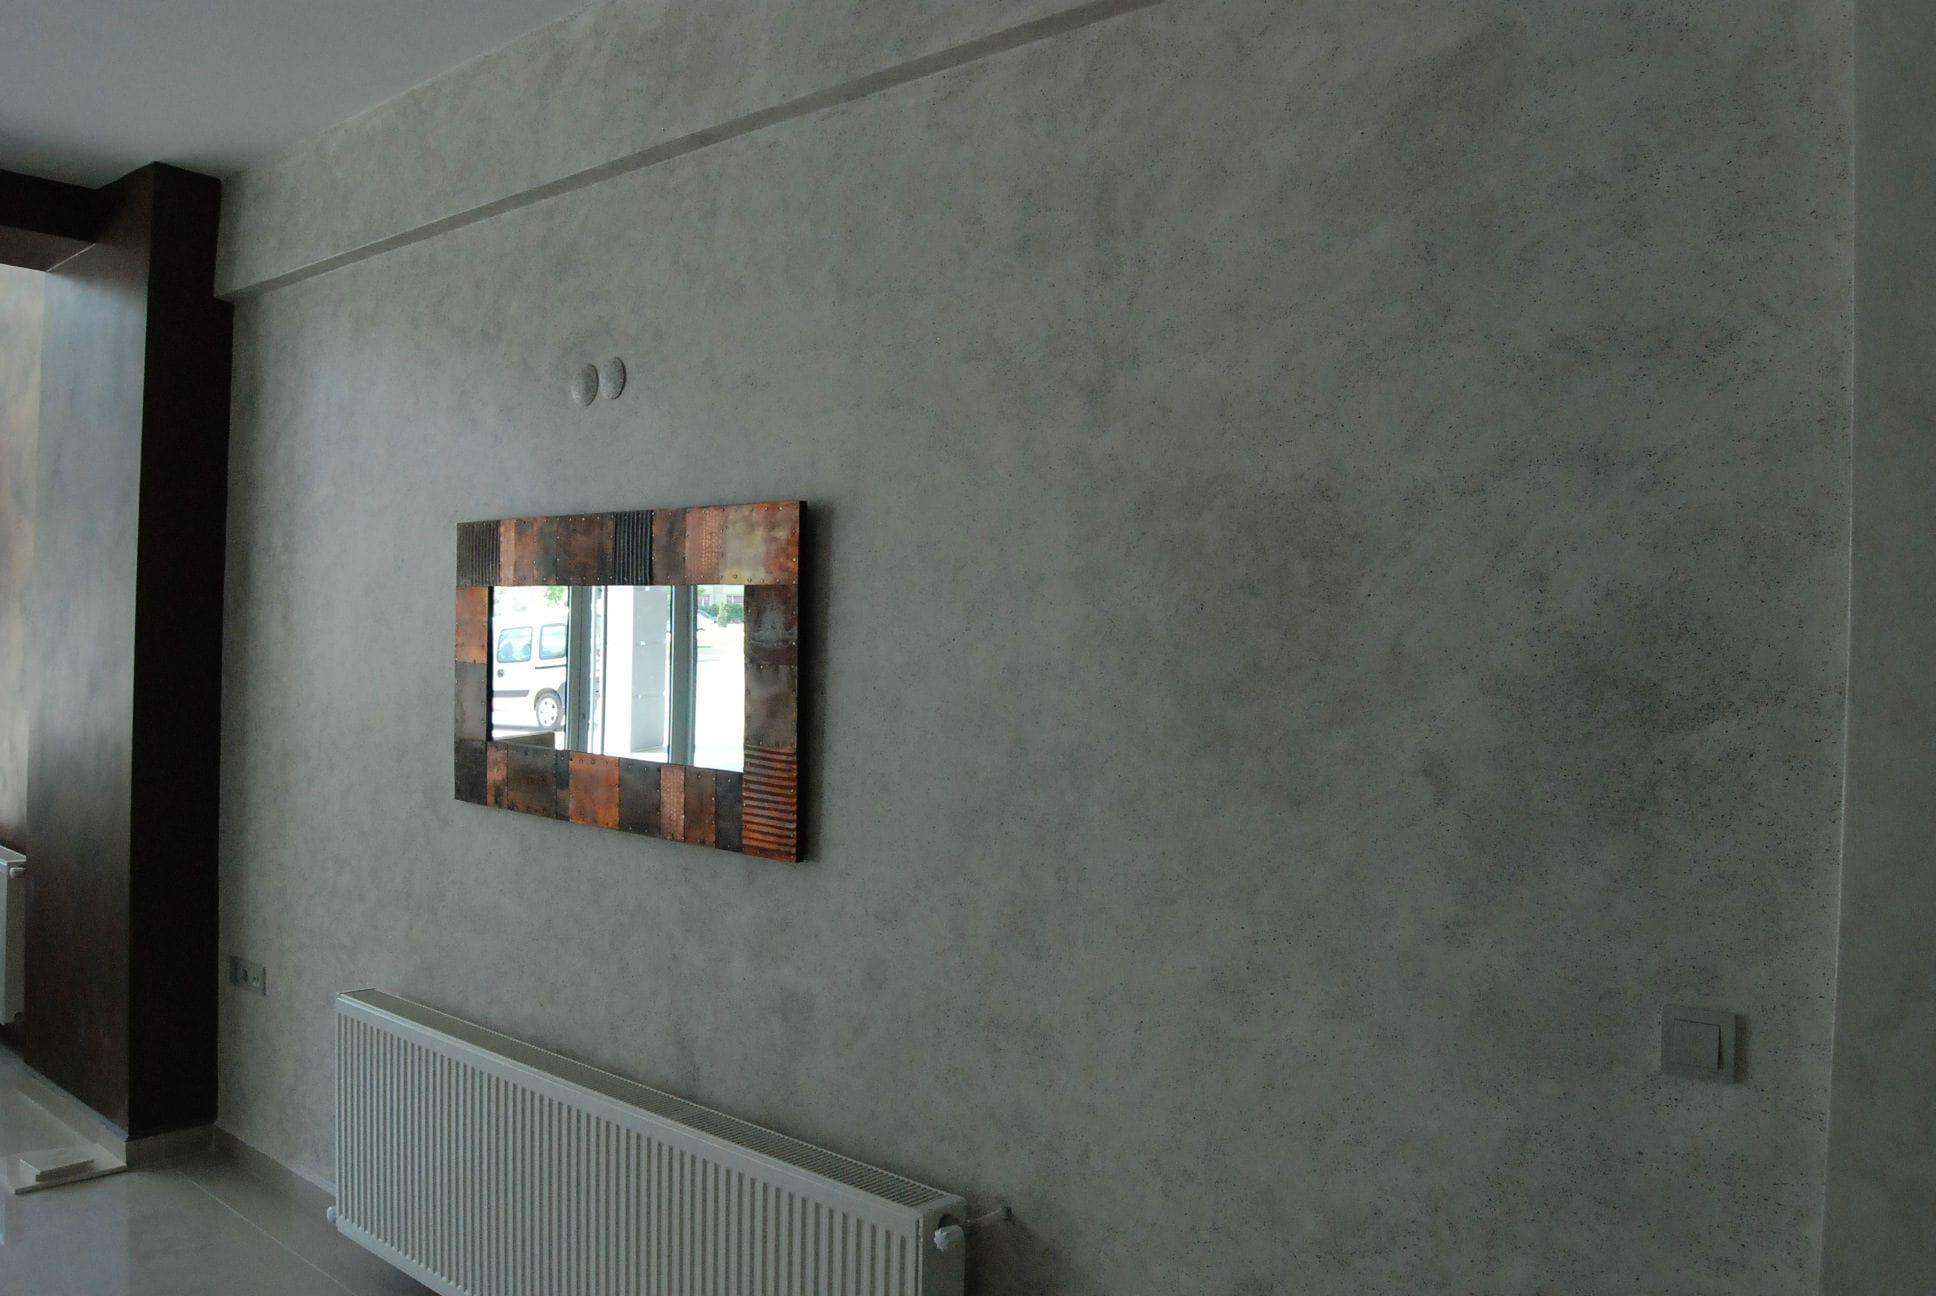 Pittura per muri / interno / acrilica / aspetto metallico ...